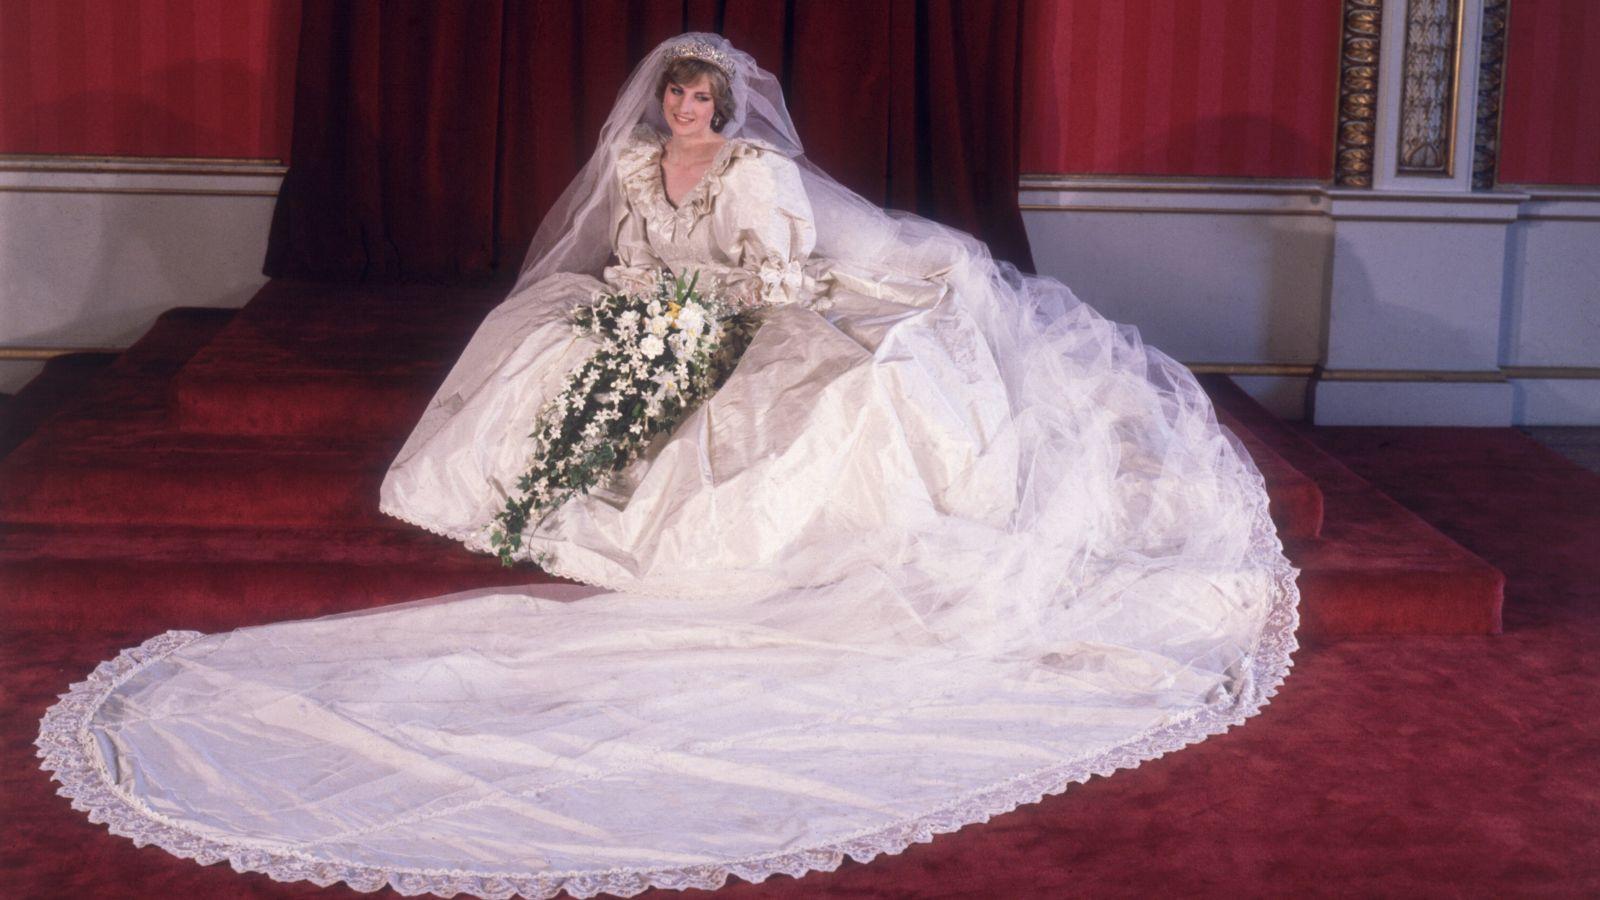 The Crown: Der Trailer zu Staffel 4 zeigt das legendäre Hochzeitskleid von Prinzessin Diana